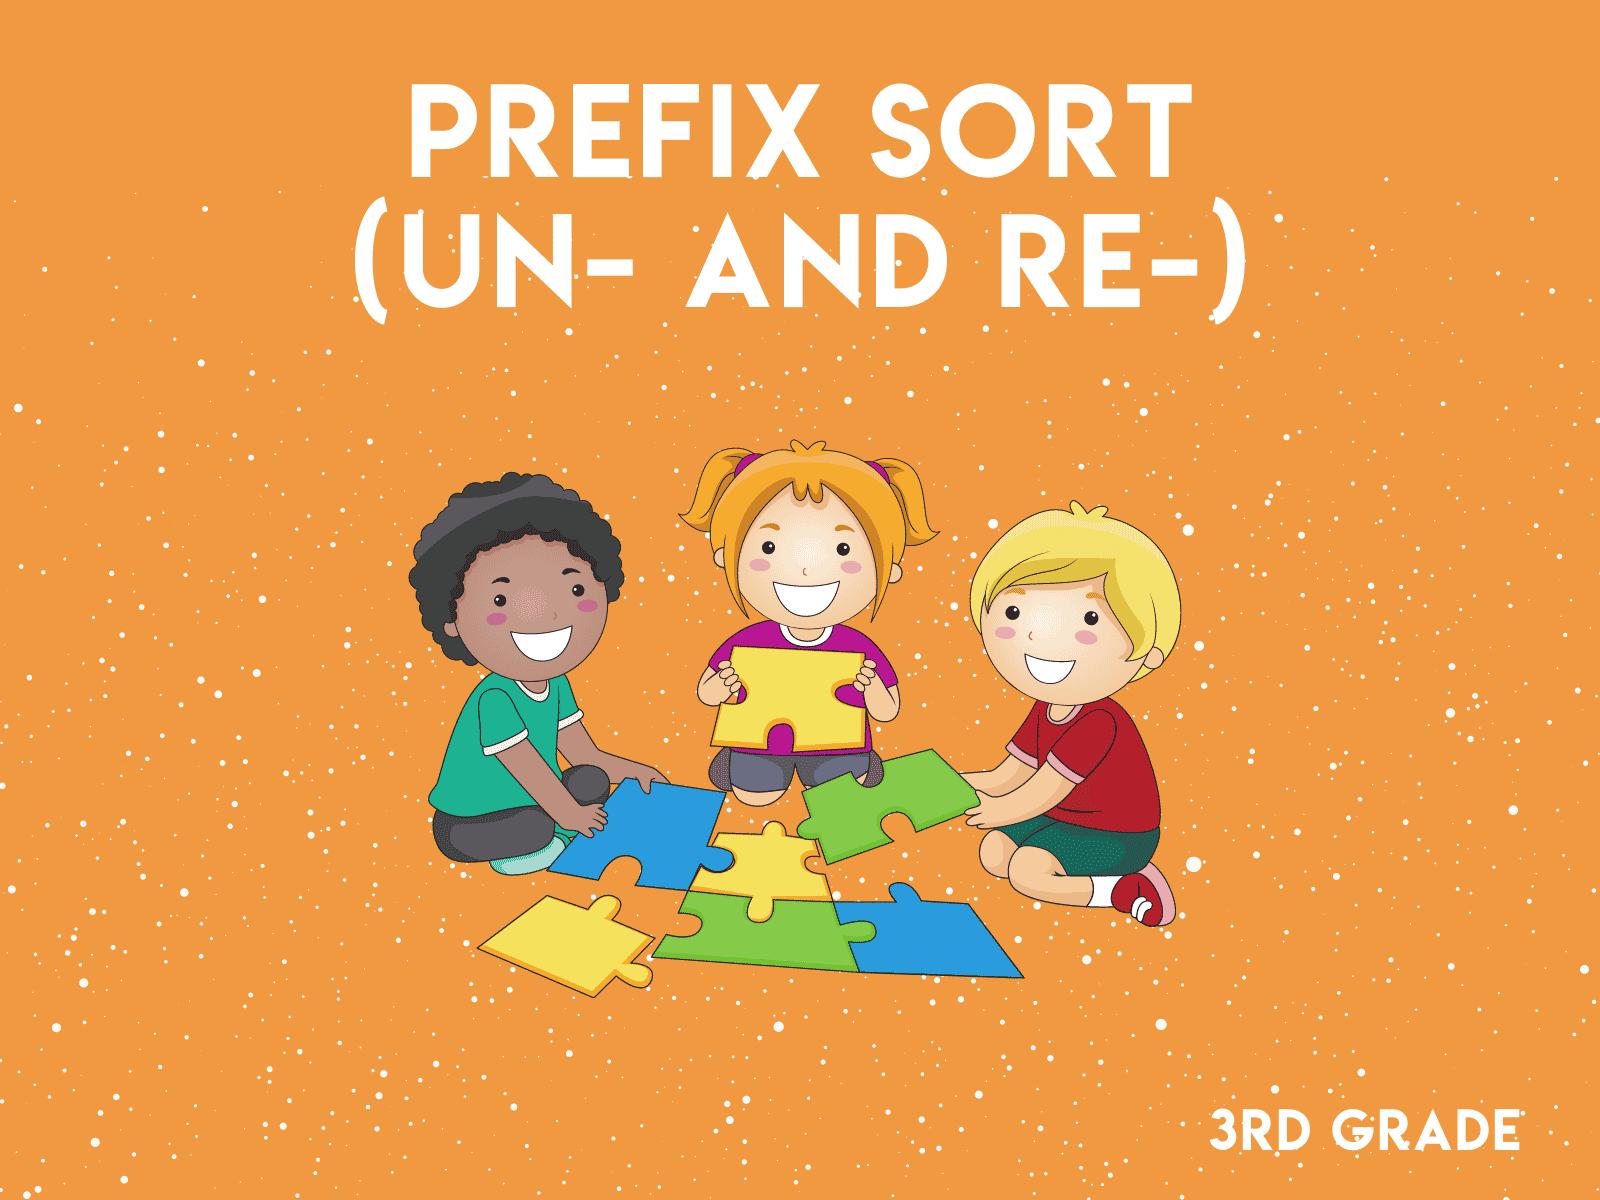 Prefix Sort (Un- and Re-)